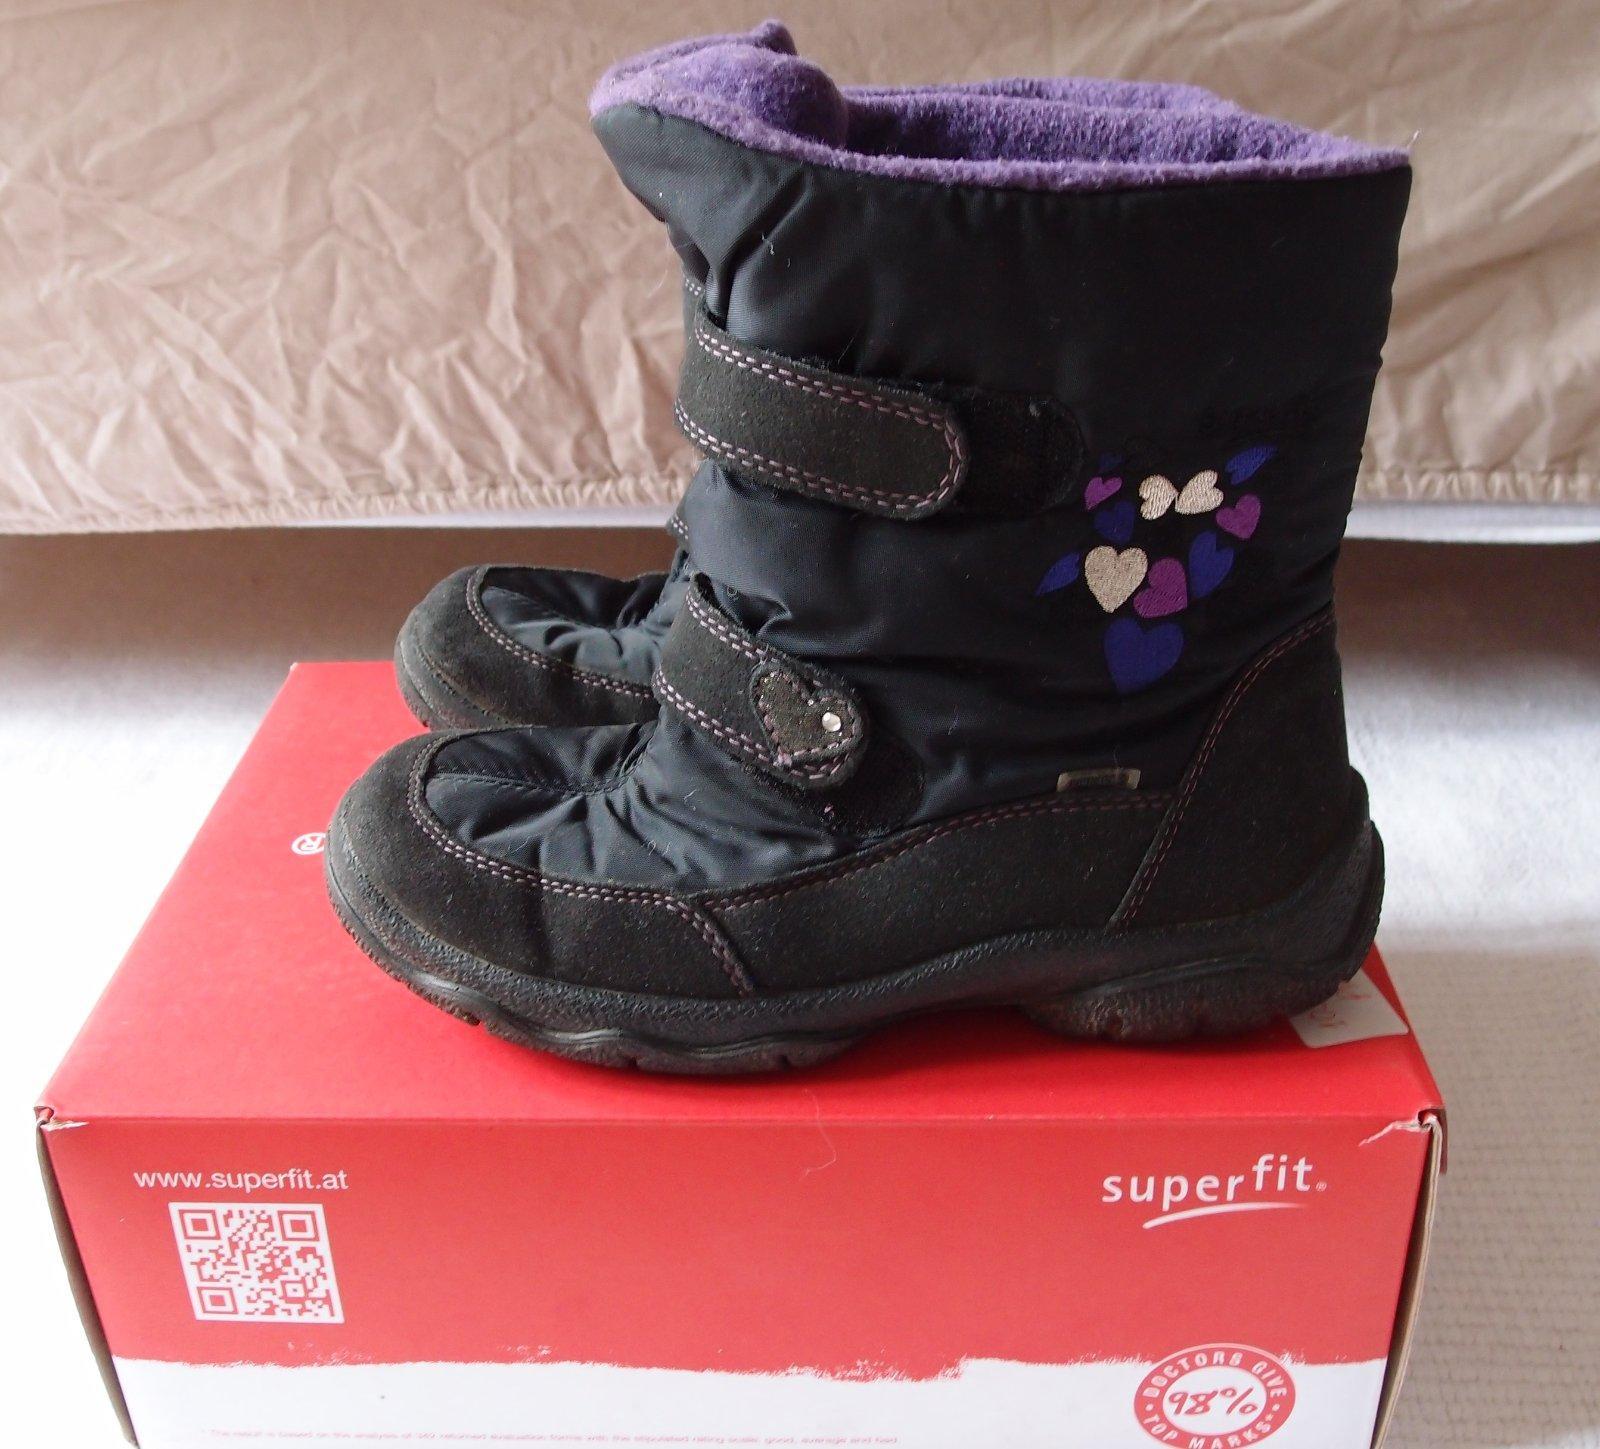 ae1d1175832 Zobraz celé podmínky. Zimní boty sněhule superfit vel.